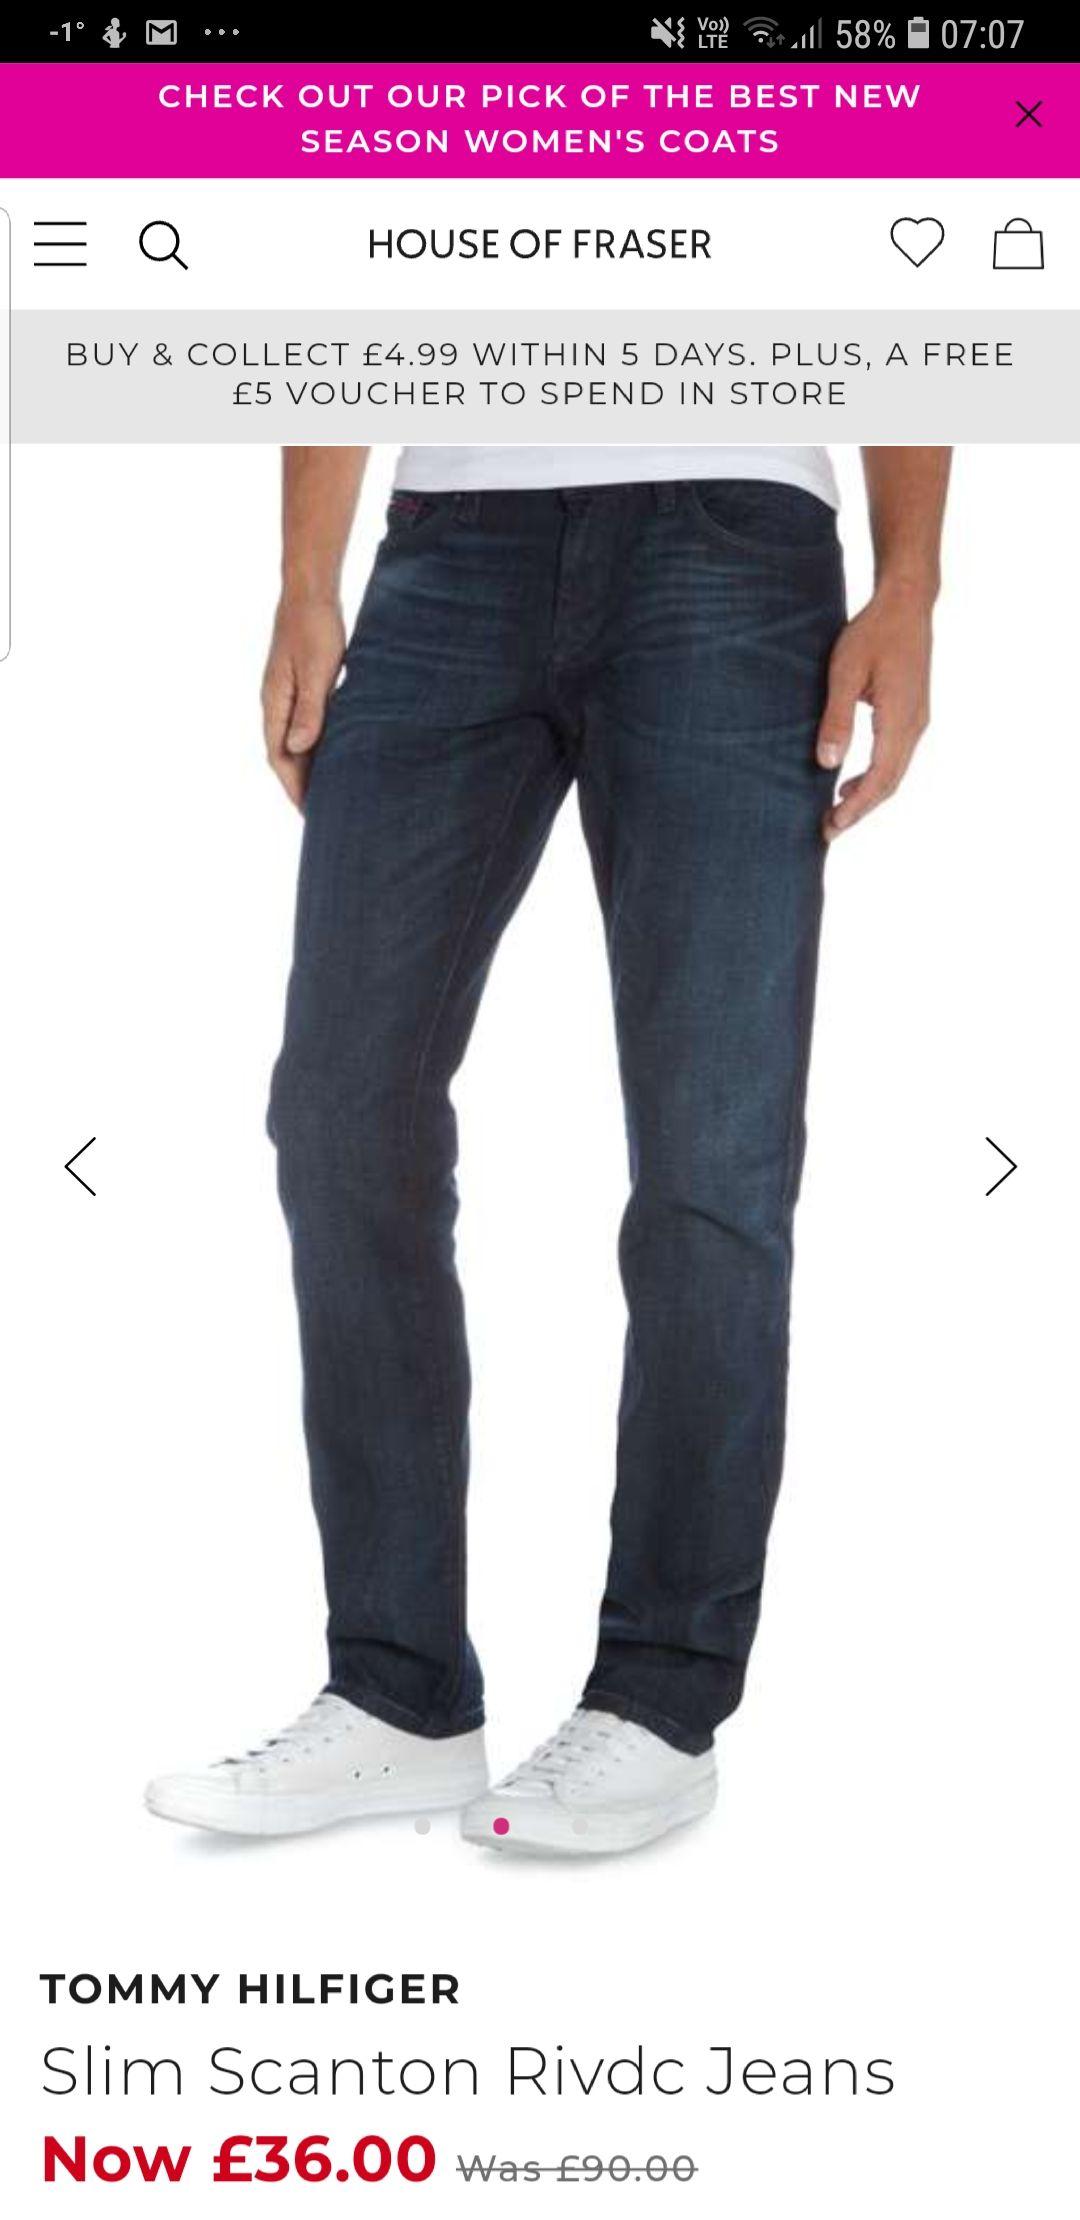 d310377c Tommy Hilfiger Mens slim fit jeans £36 + £4.99 del/c&c at House of Fraser -  hotukdeals